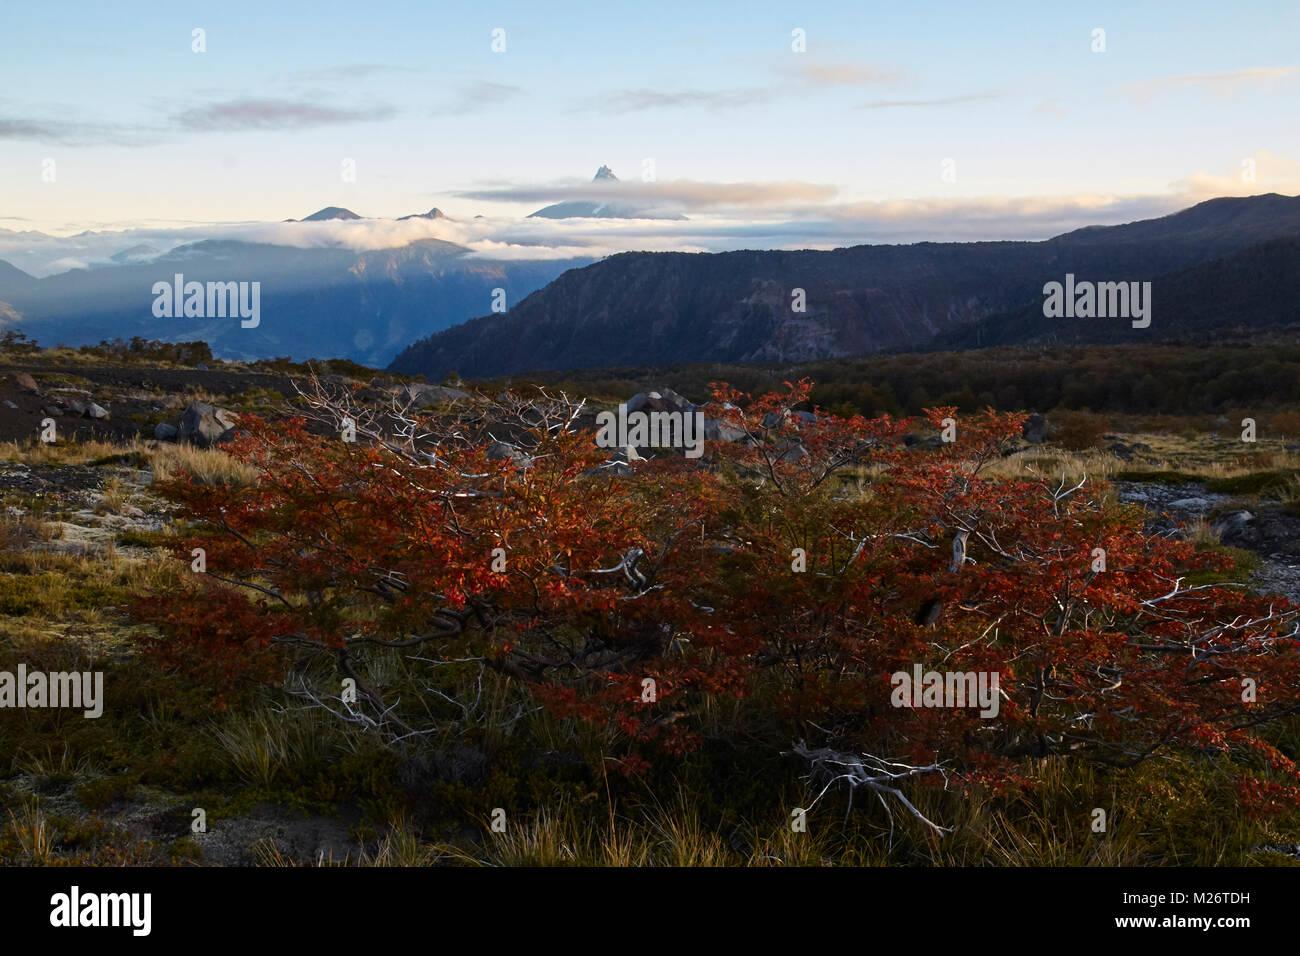 Ñirre bush al tramonto con il vulcano Puntiagudo in background Immagini Stock